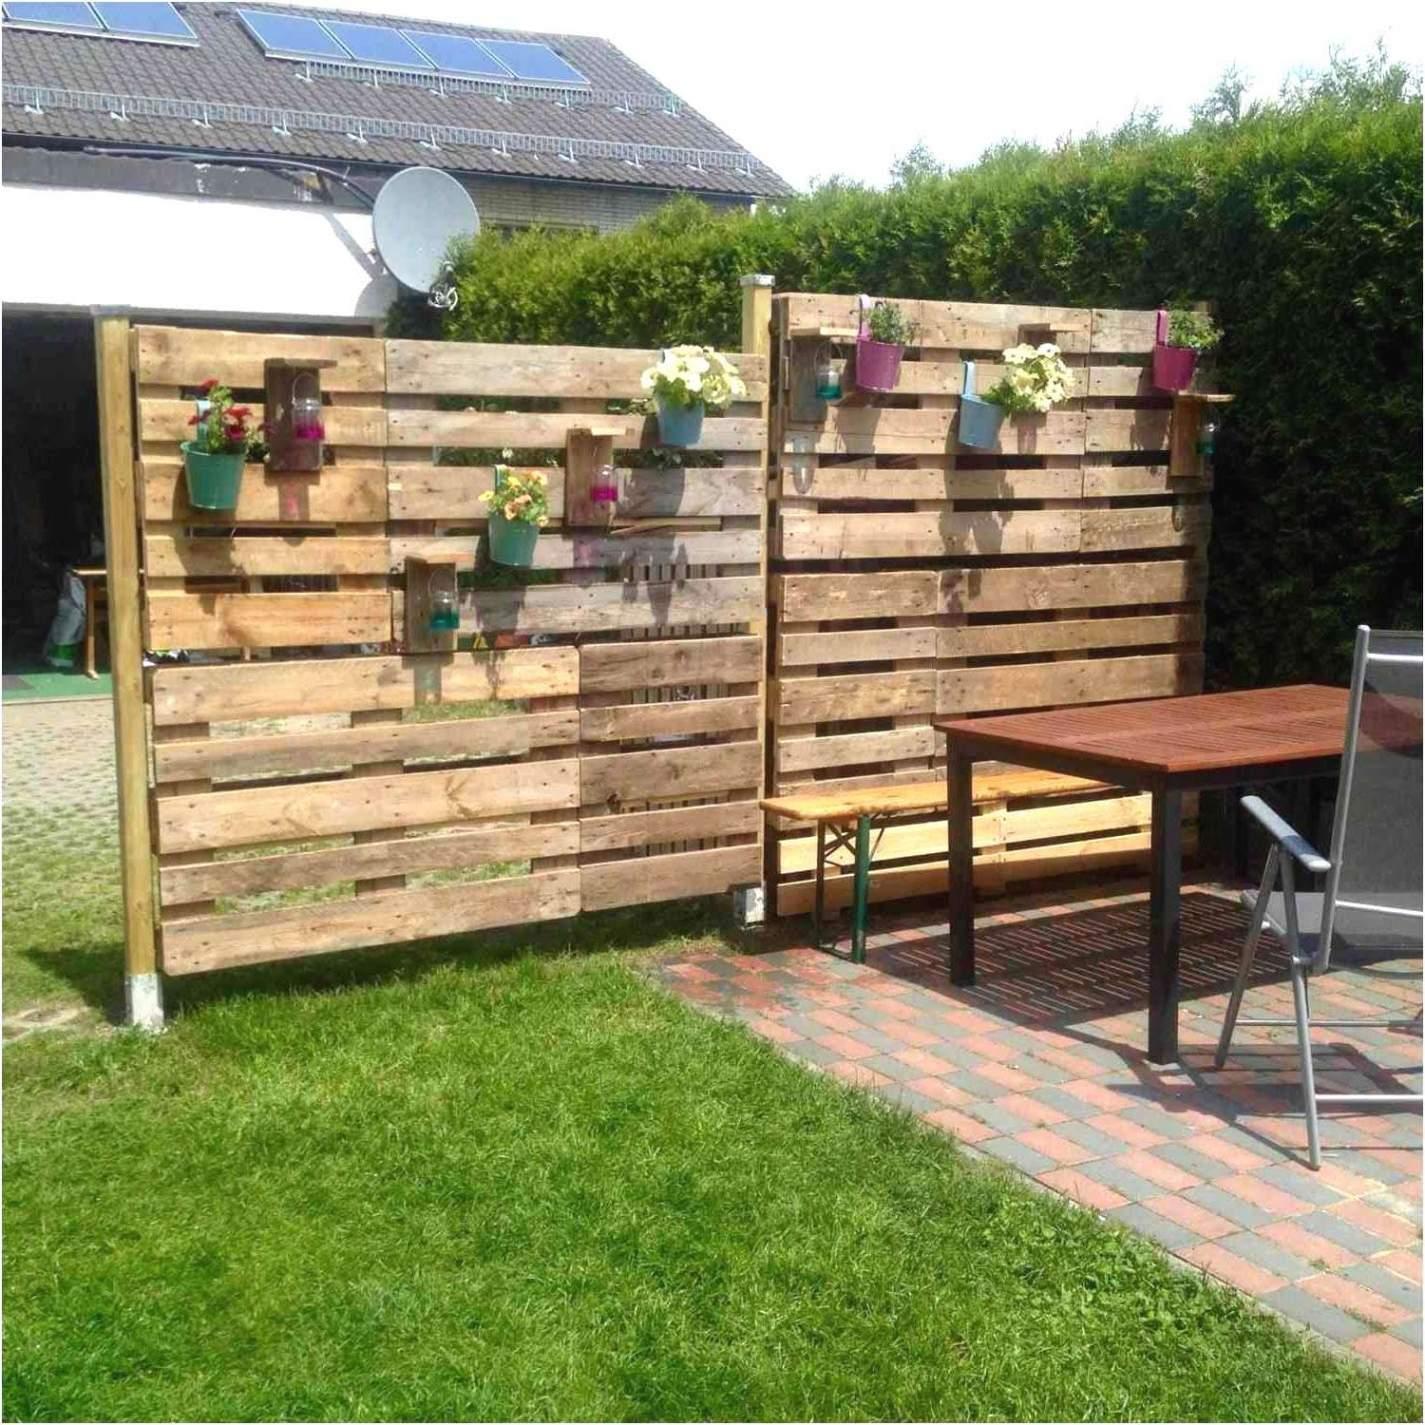 sichtschutz garten selber bauen schon sichtschutz terrasse ideen temobardz home blog of sichtschutz garten selber bauen